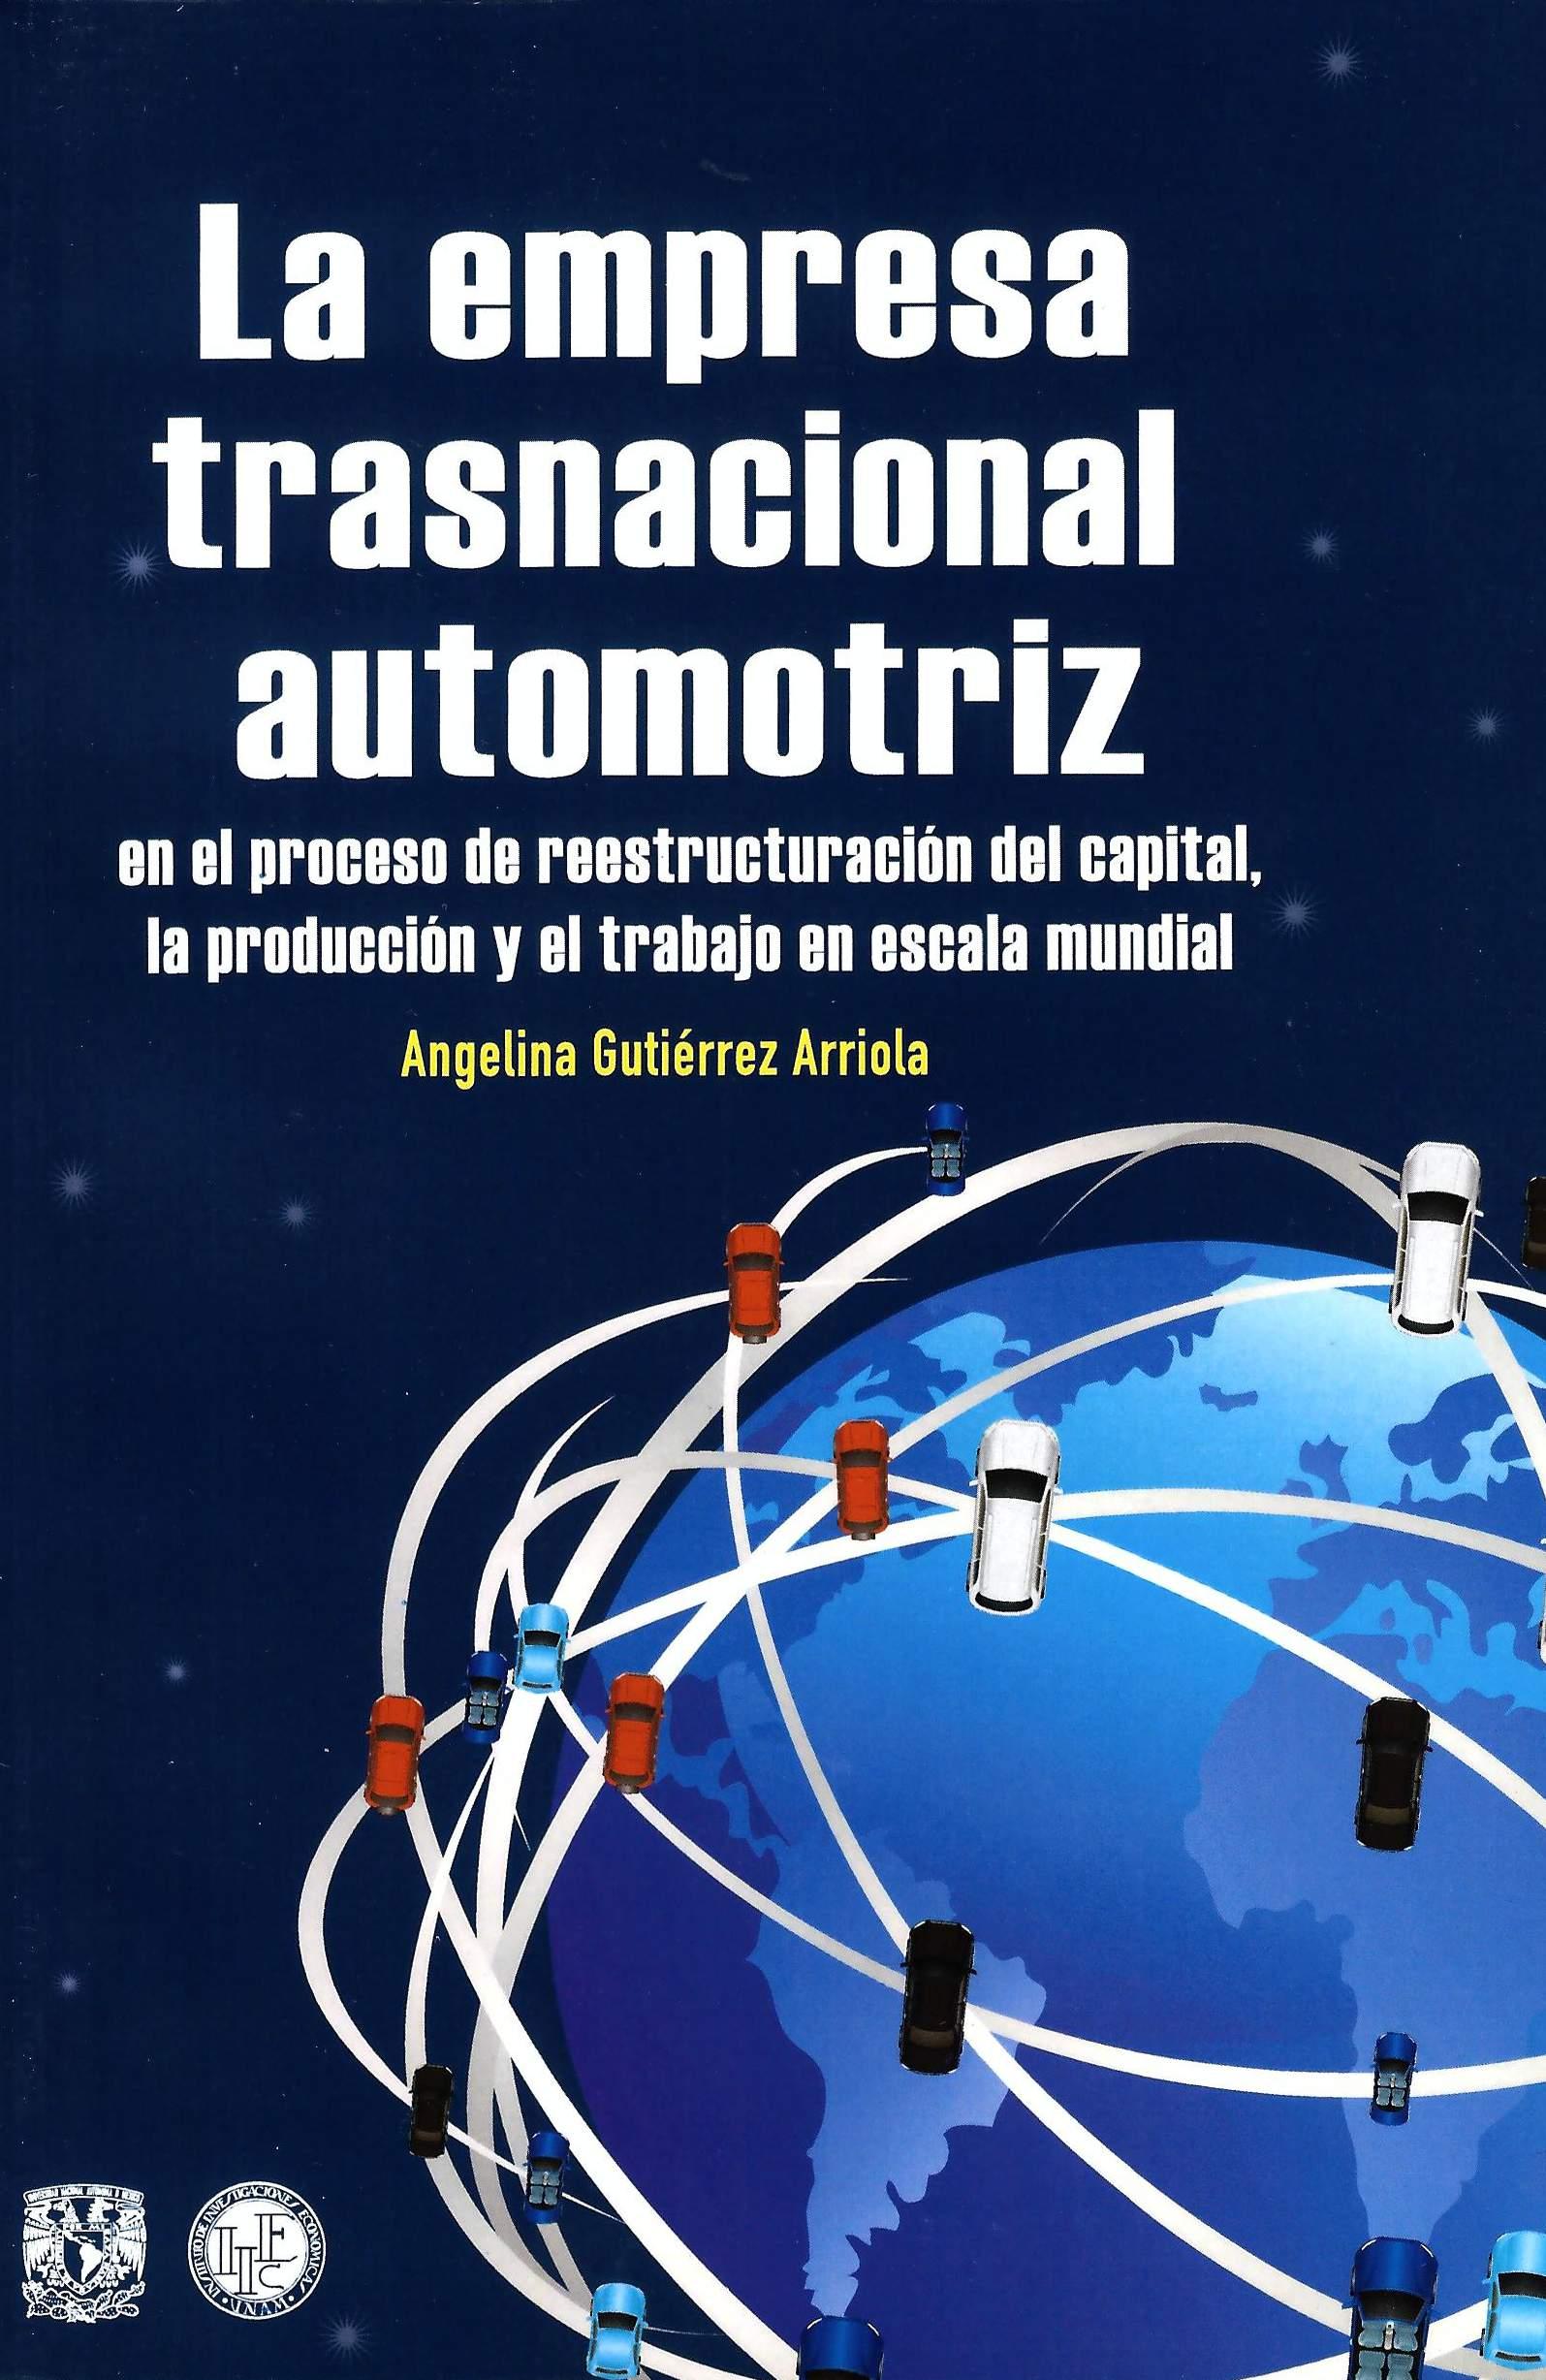 La empresa trasnacional automotriz en el proceso de reestructuración del capital, la producción